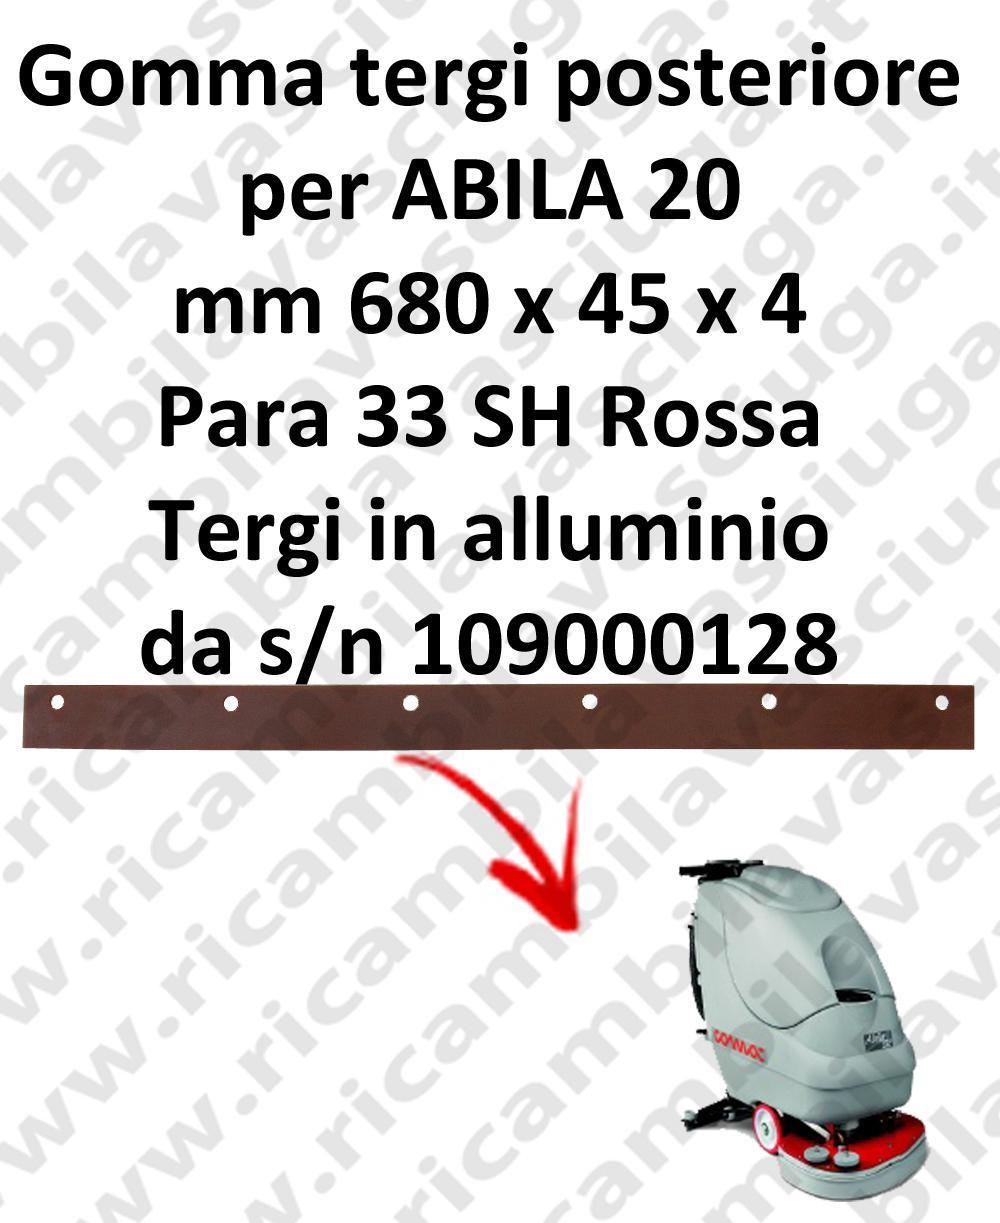 ABILA 20 BAVETTE ARRIERE pour COMAC rechange autolaveuses suceur